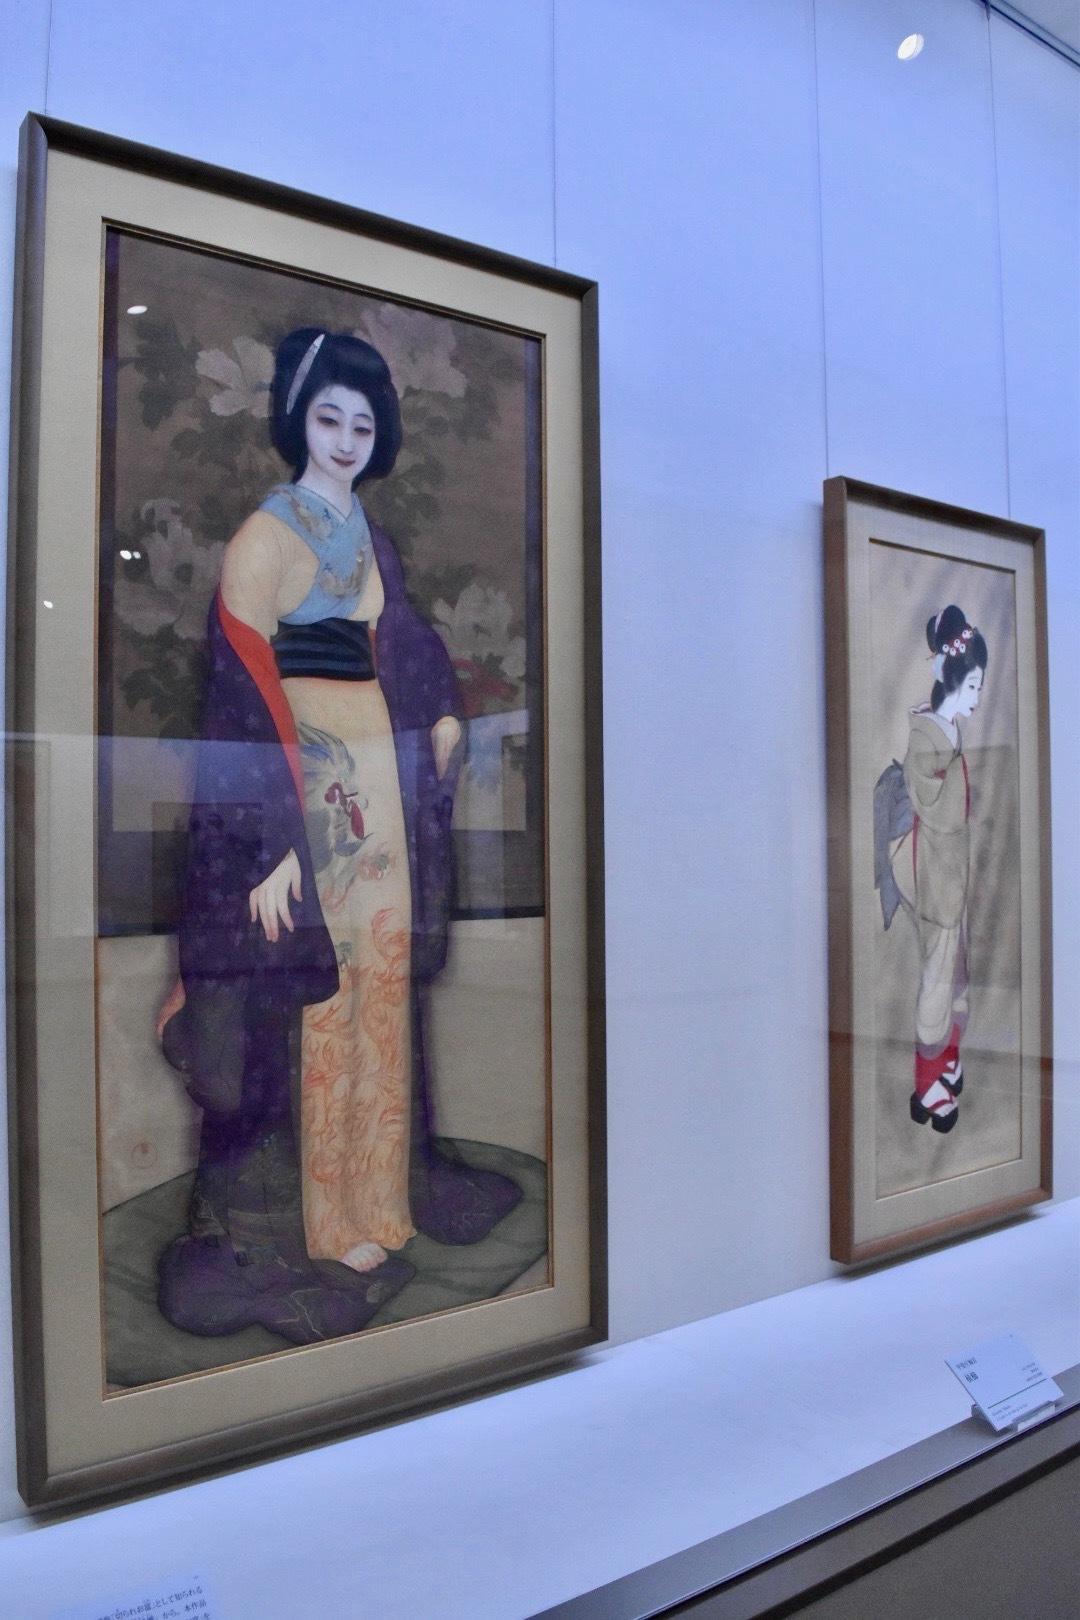 左:甲斐庄楠音 《横櫛》 大正5(1916)年頃 京都国立近代美術館 右:甲斐庄楠音 《娘》 大正4(1915)年頃 京都国立近代美術館